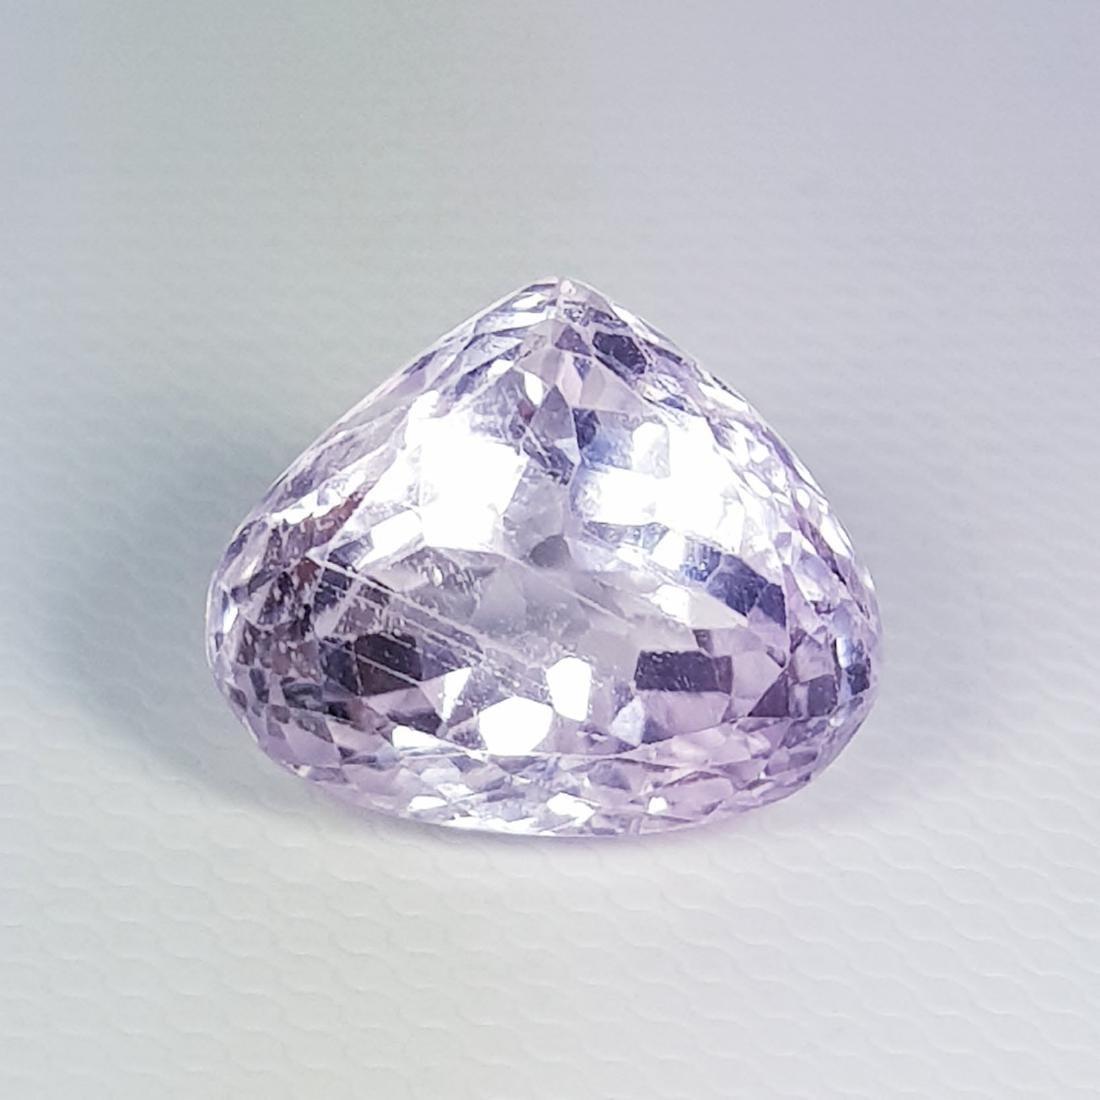 Natural Pink Kunzite Pear Cut 8.30 ct - 3